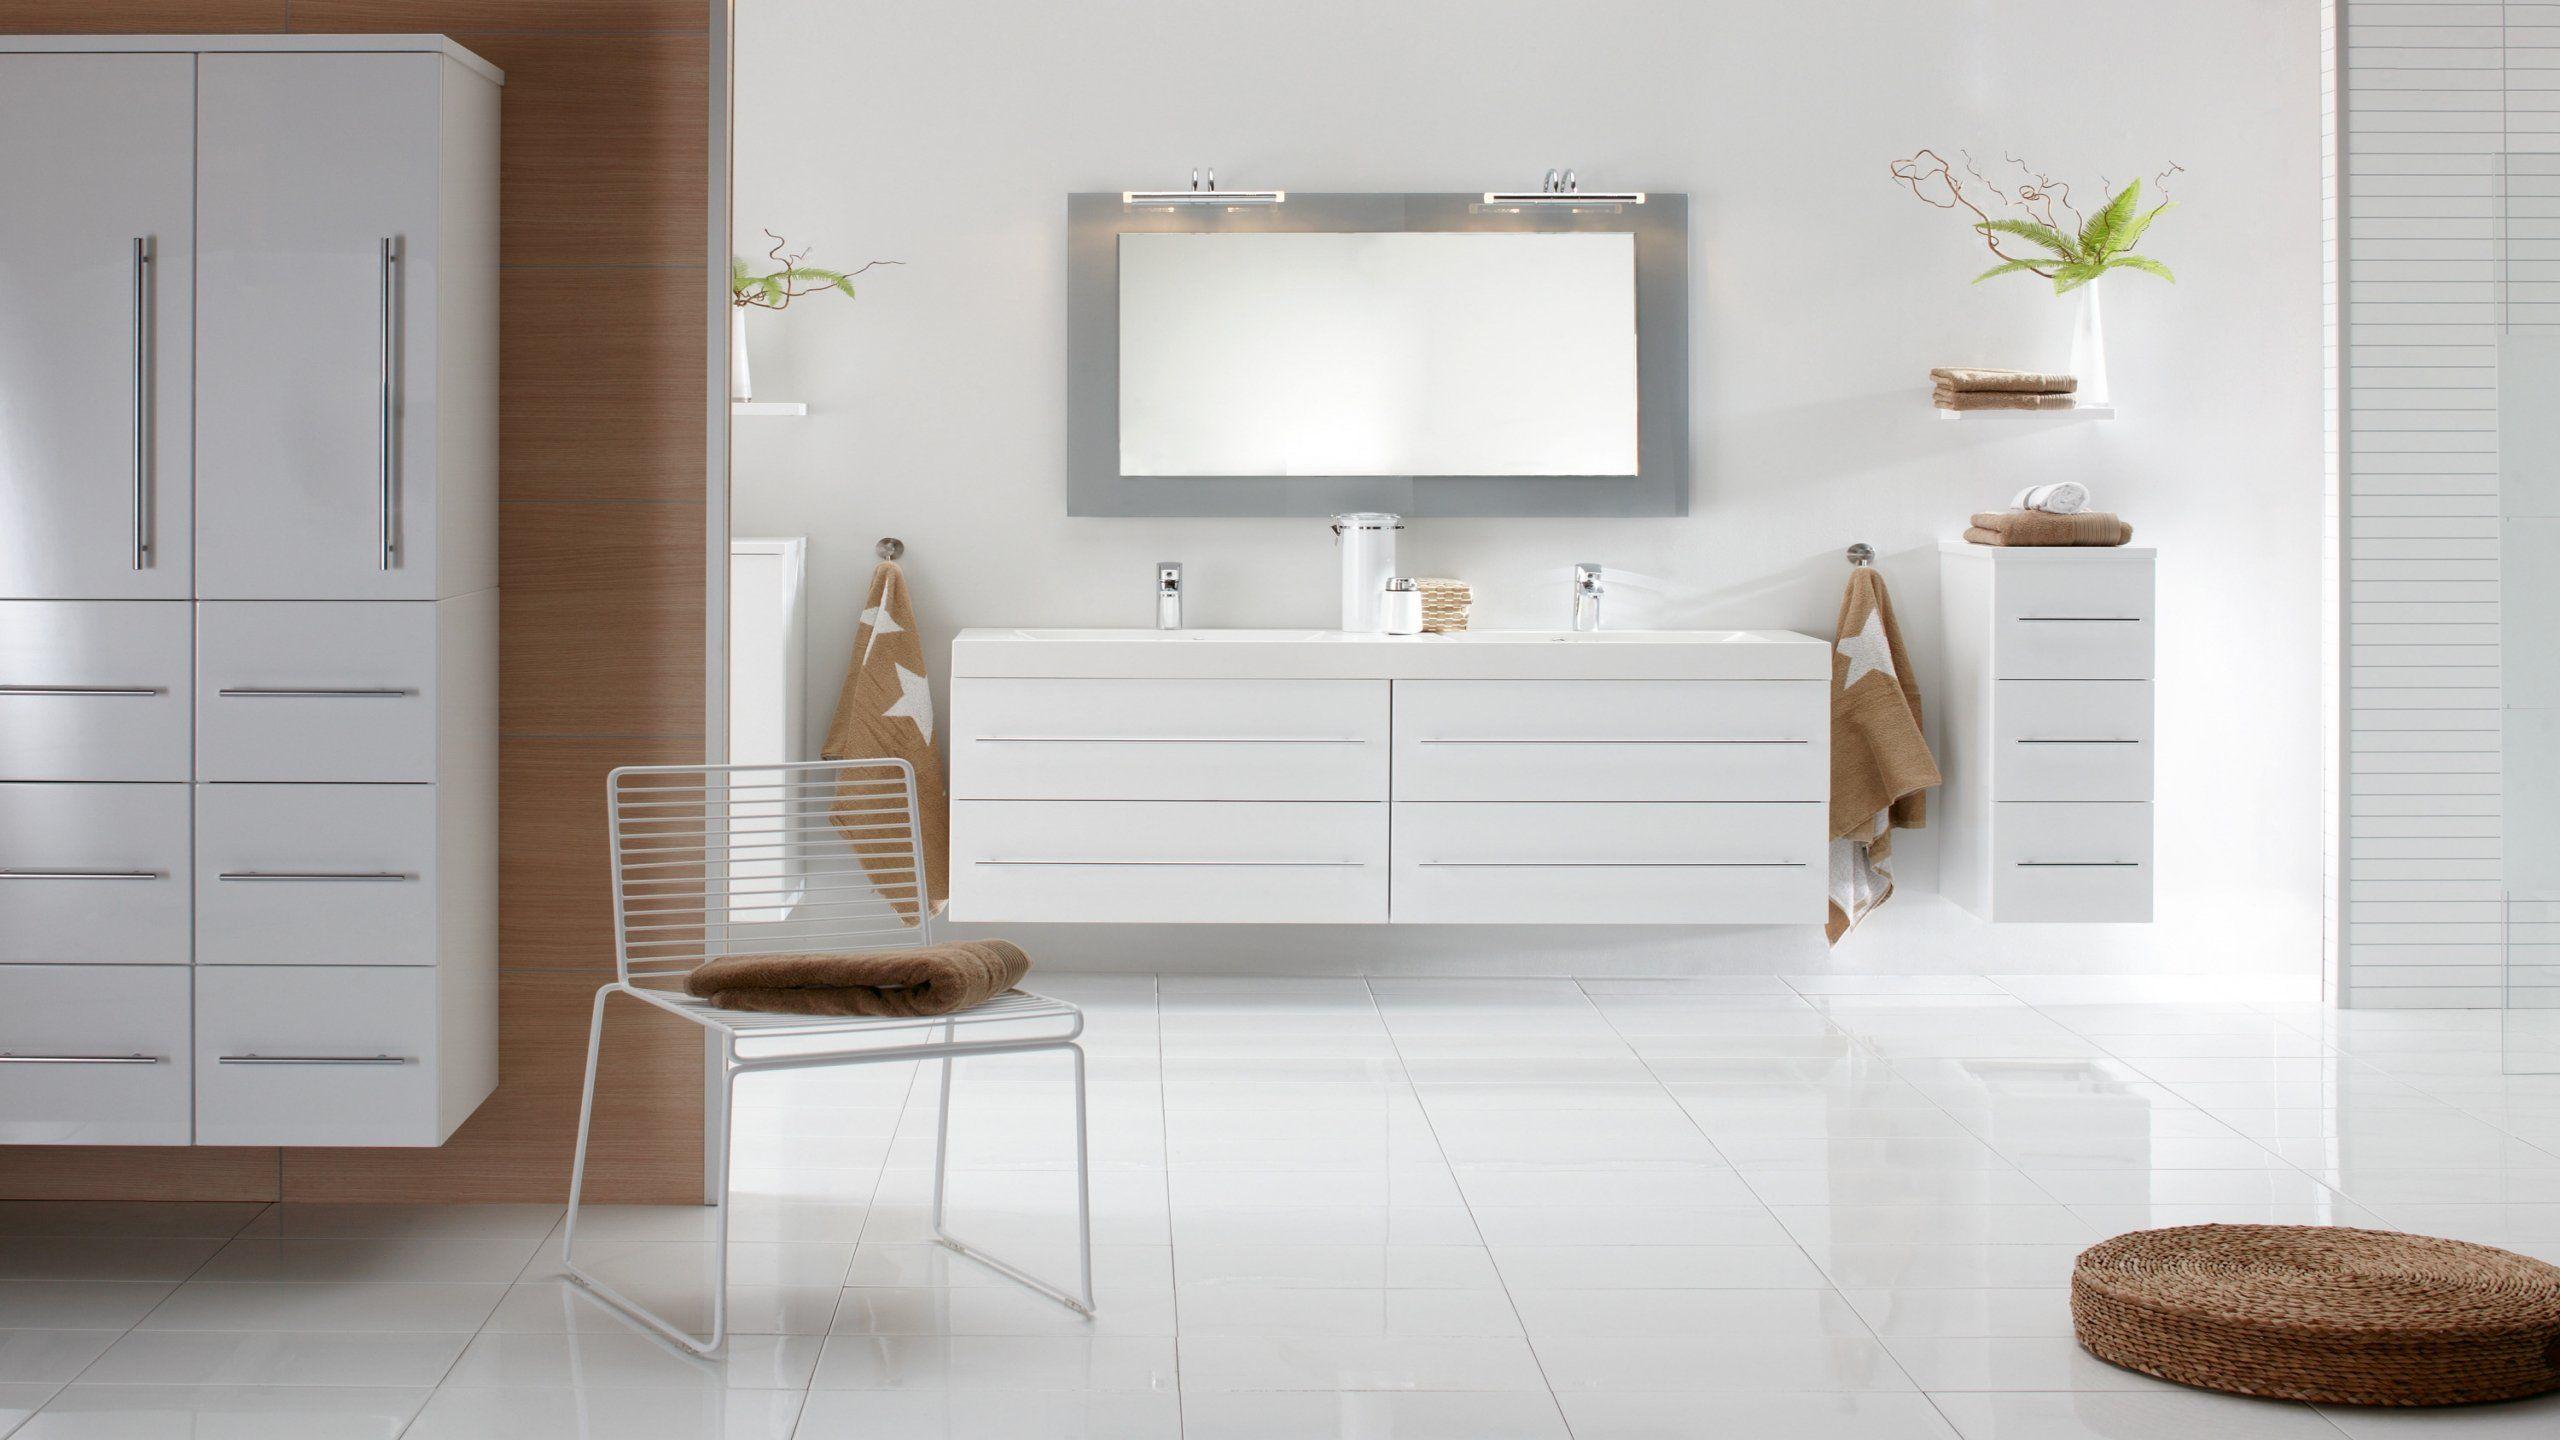 Badezimmer Tapeten Ideen Modernes Badezimmerdesign Tolle Badezimmer Badezimmer Tapete